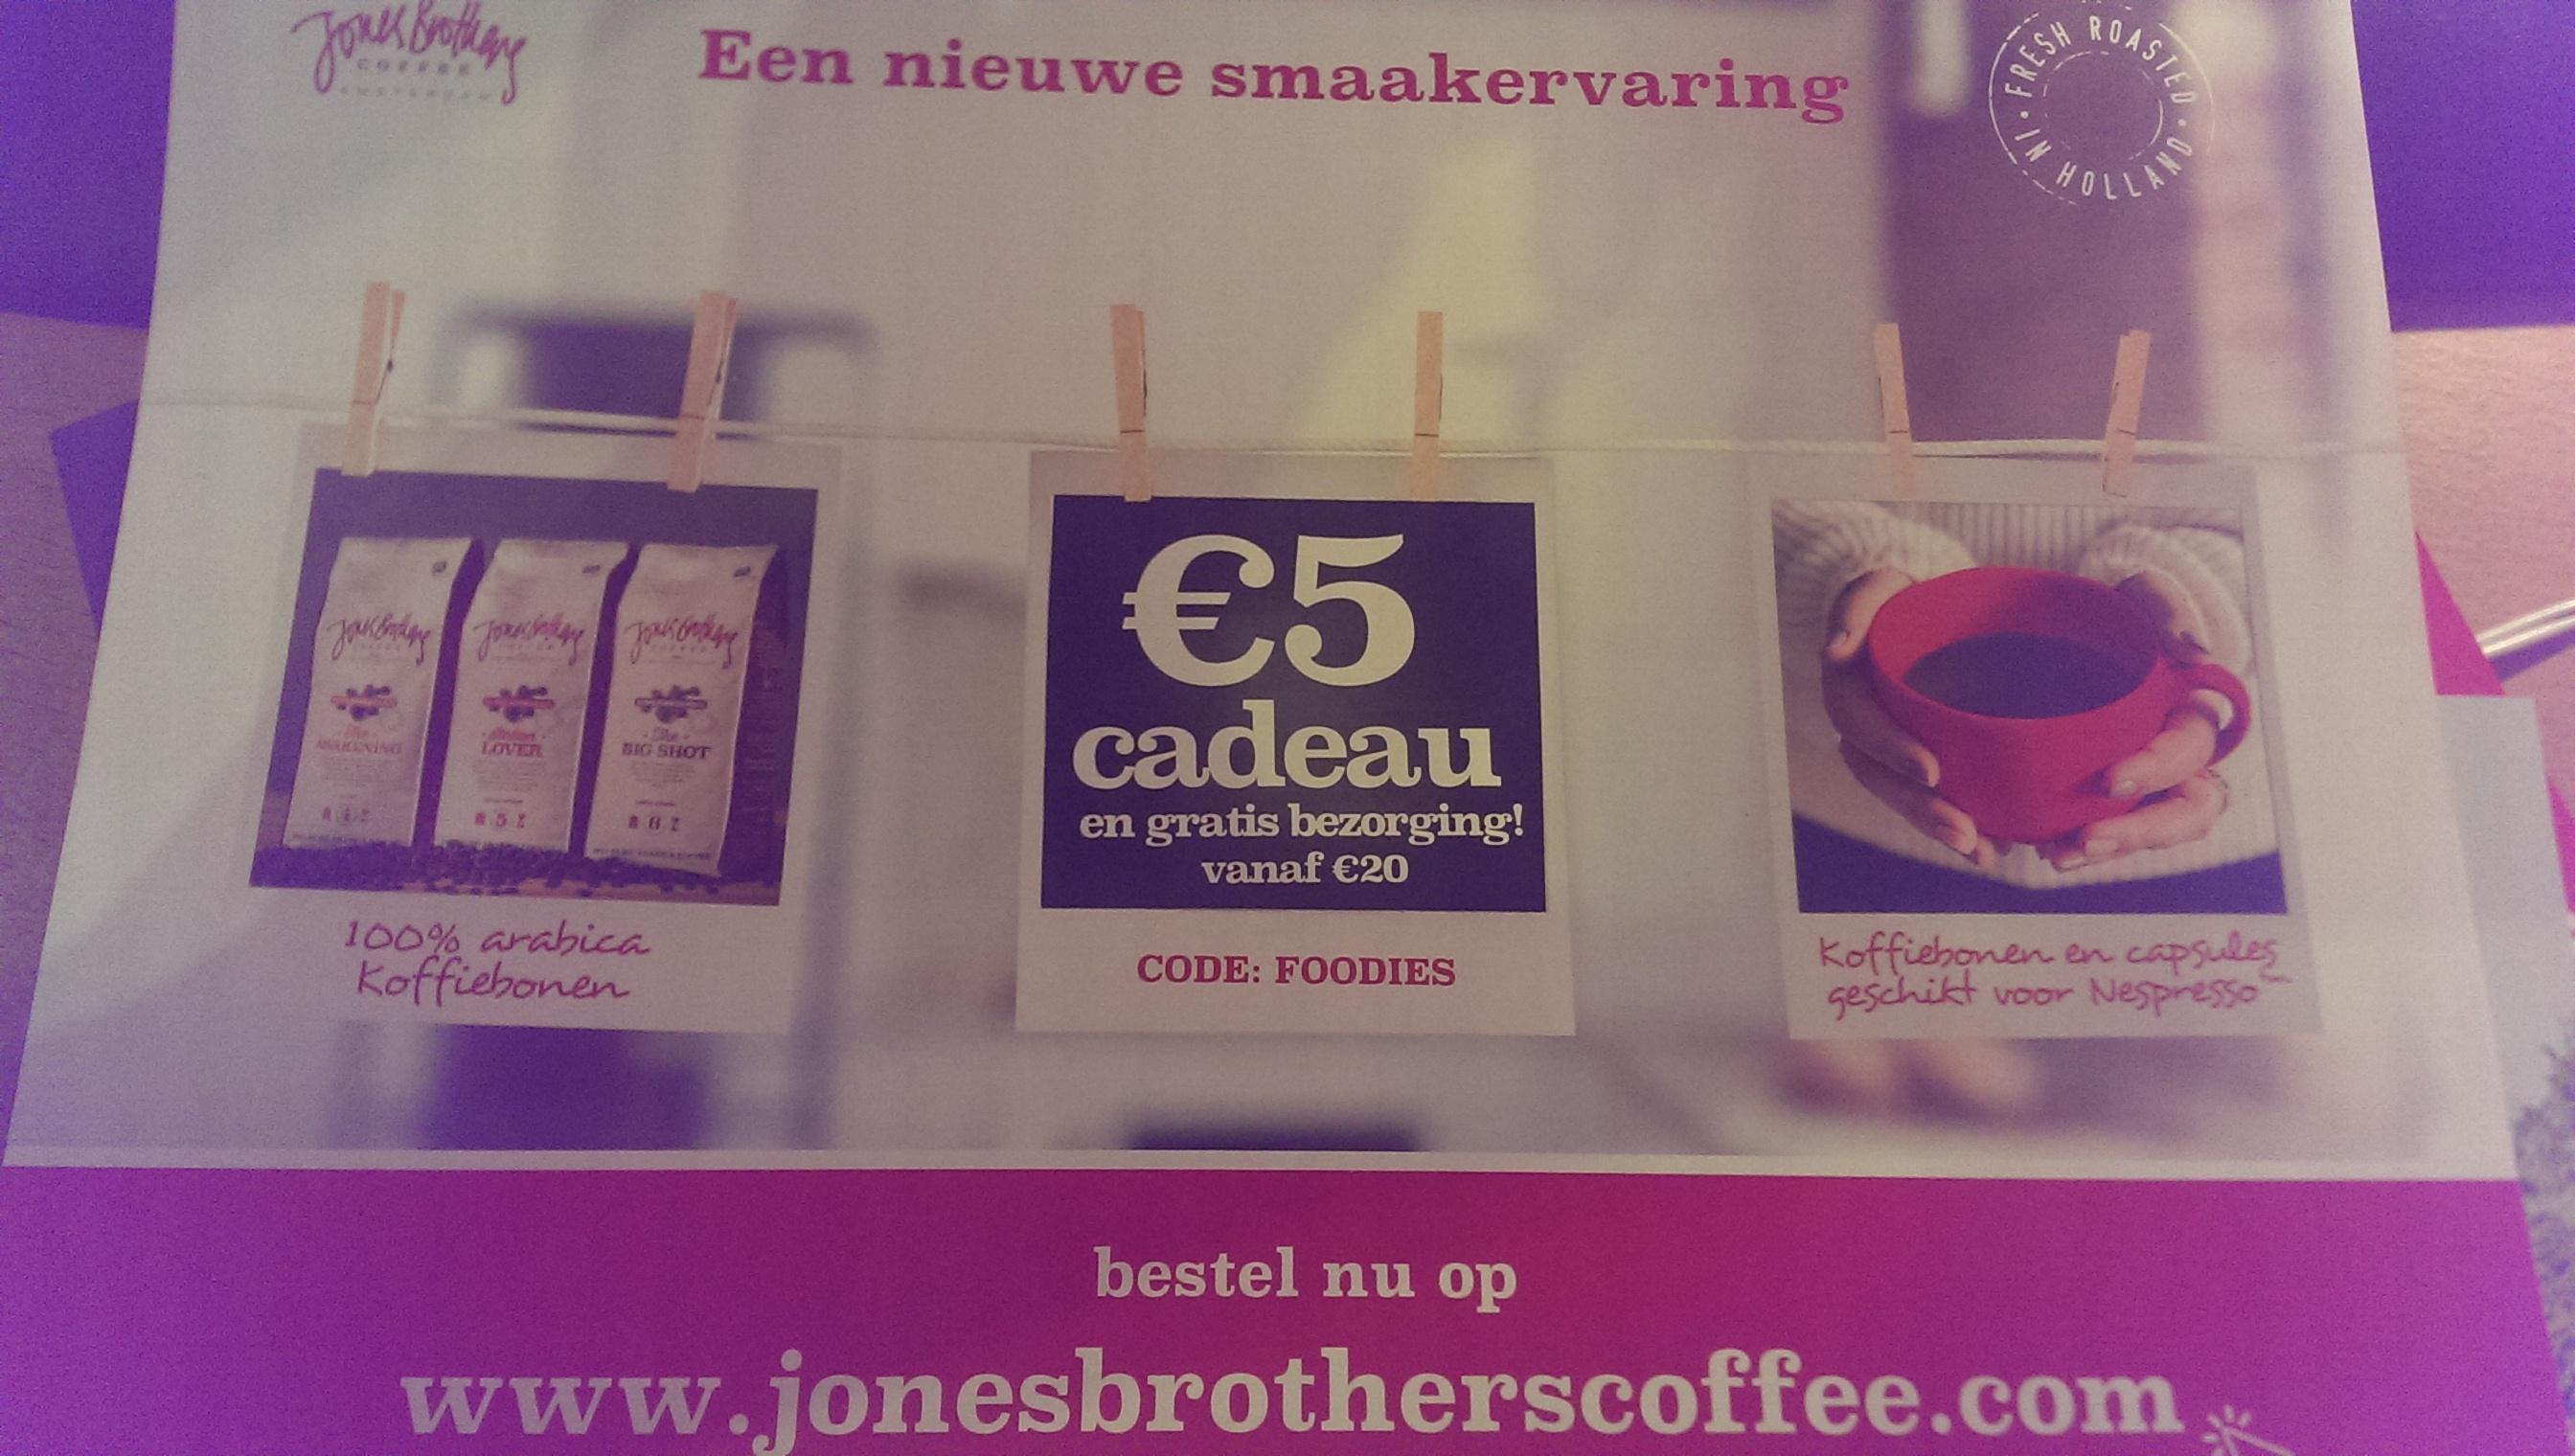 5 euro korting en gratis verzending bij Jones brothers coffee